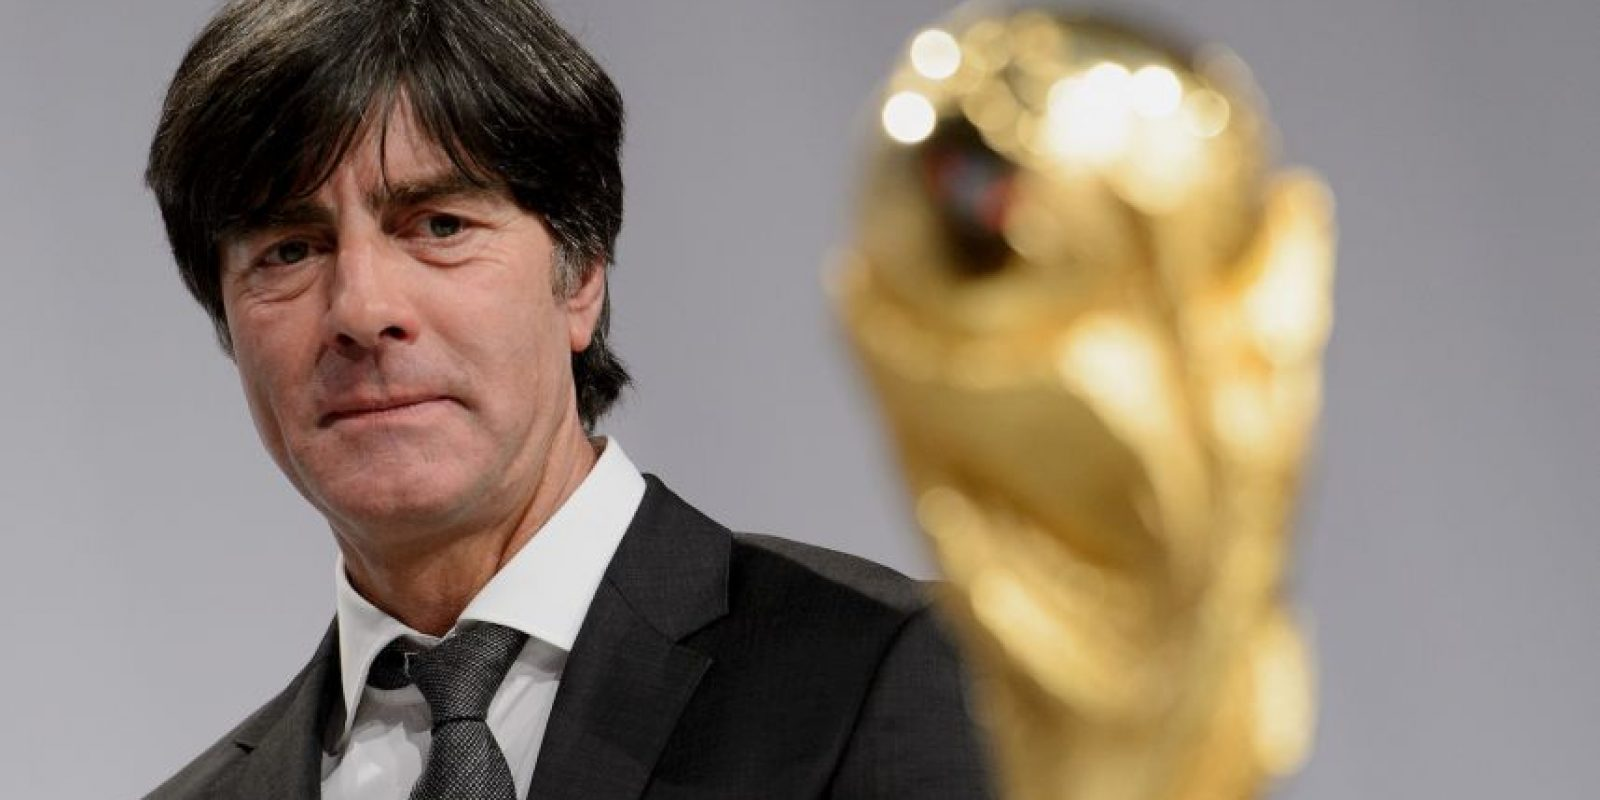 Joachim Low es entrenador de la Selección Nacional de Alemania. Foto:Getty Images